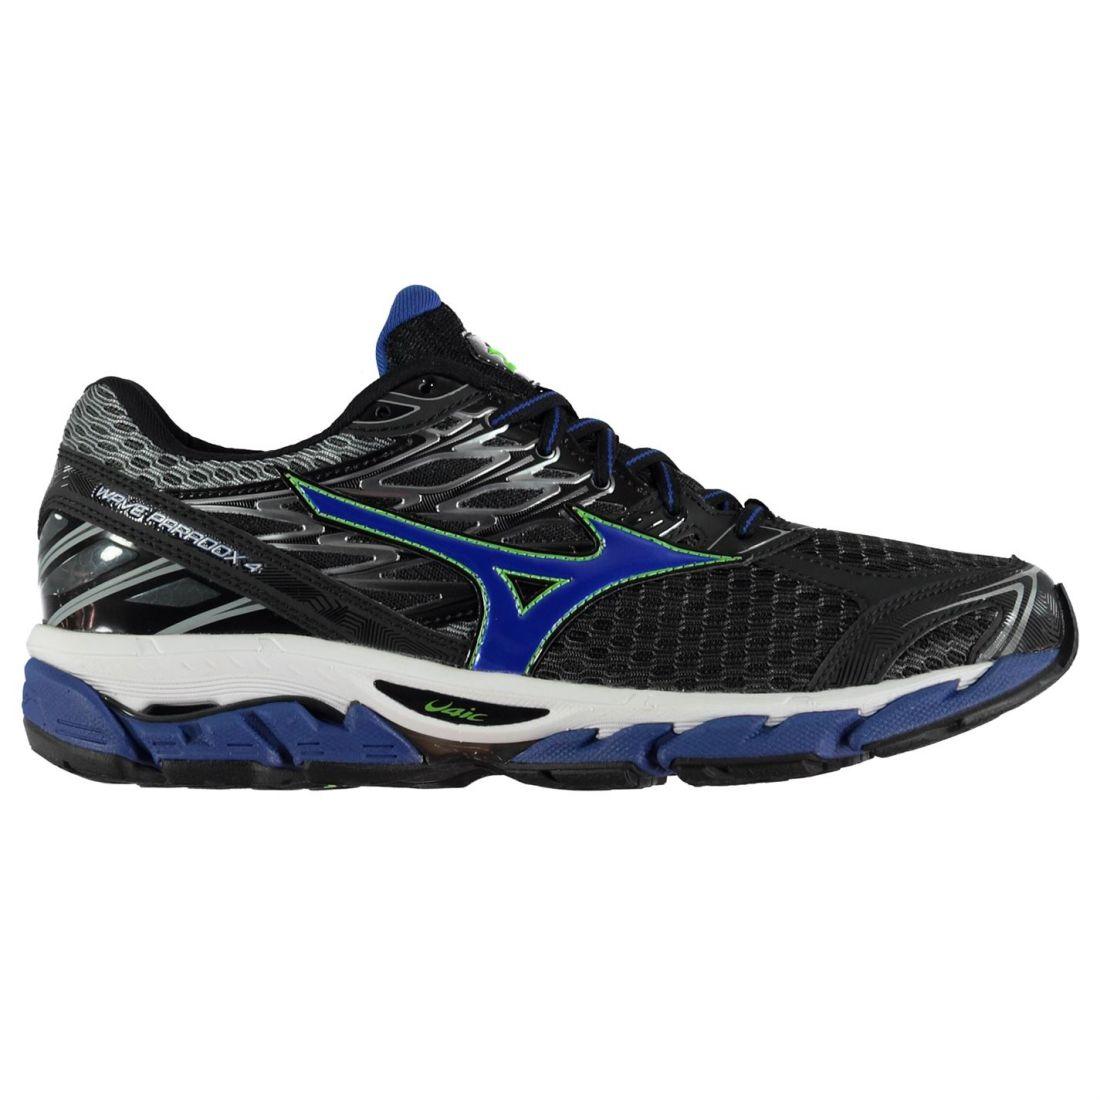 Mens Paradox 4 Running shoes Road